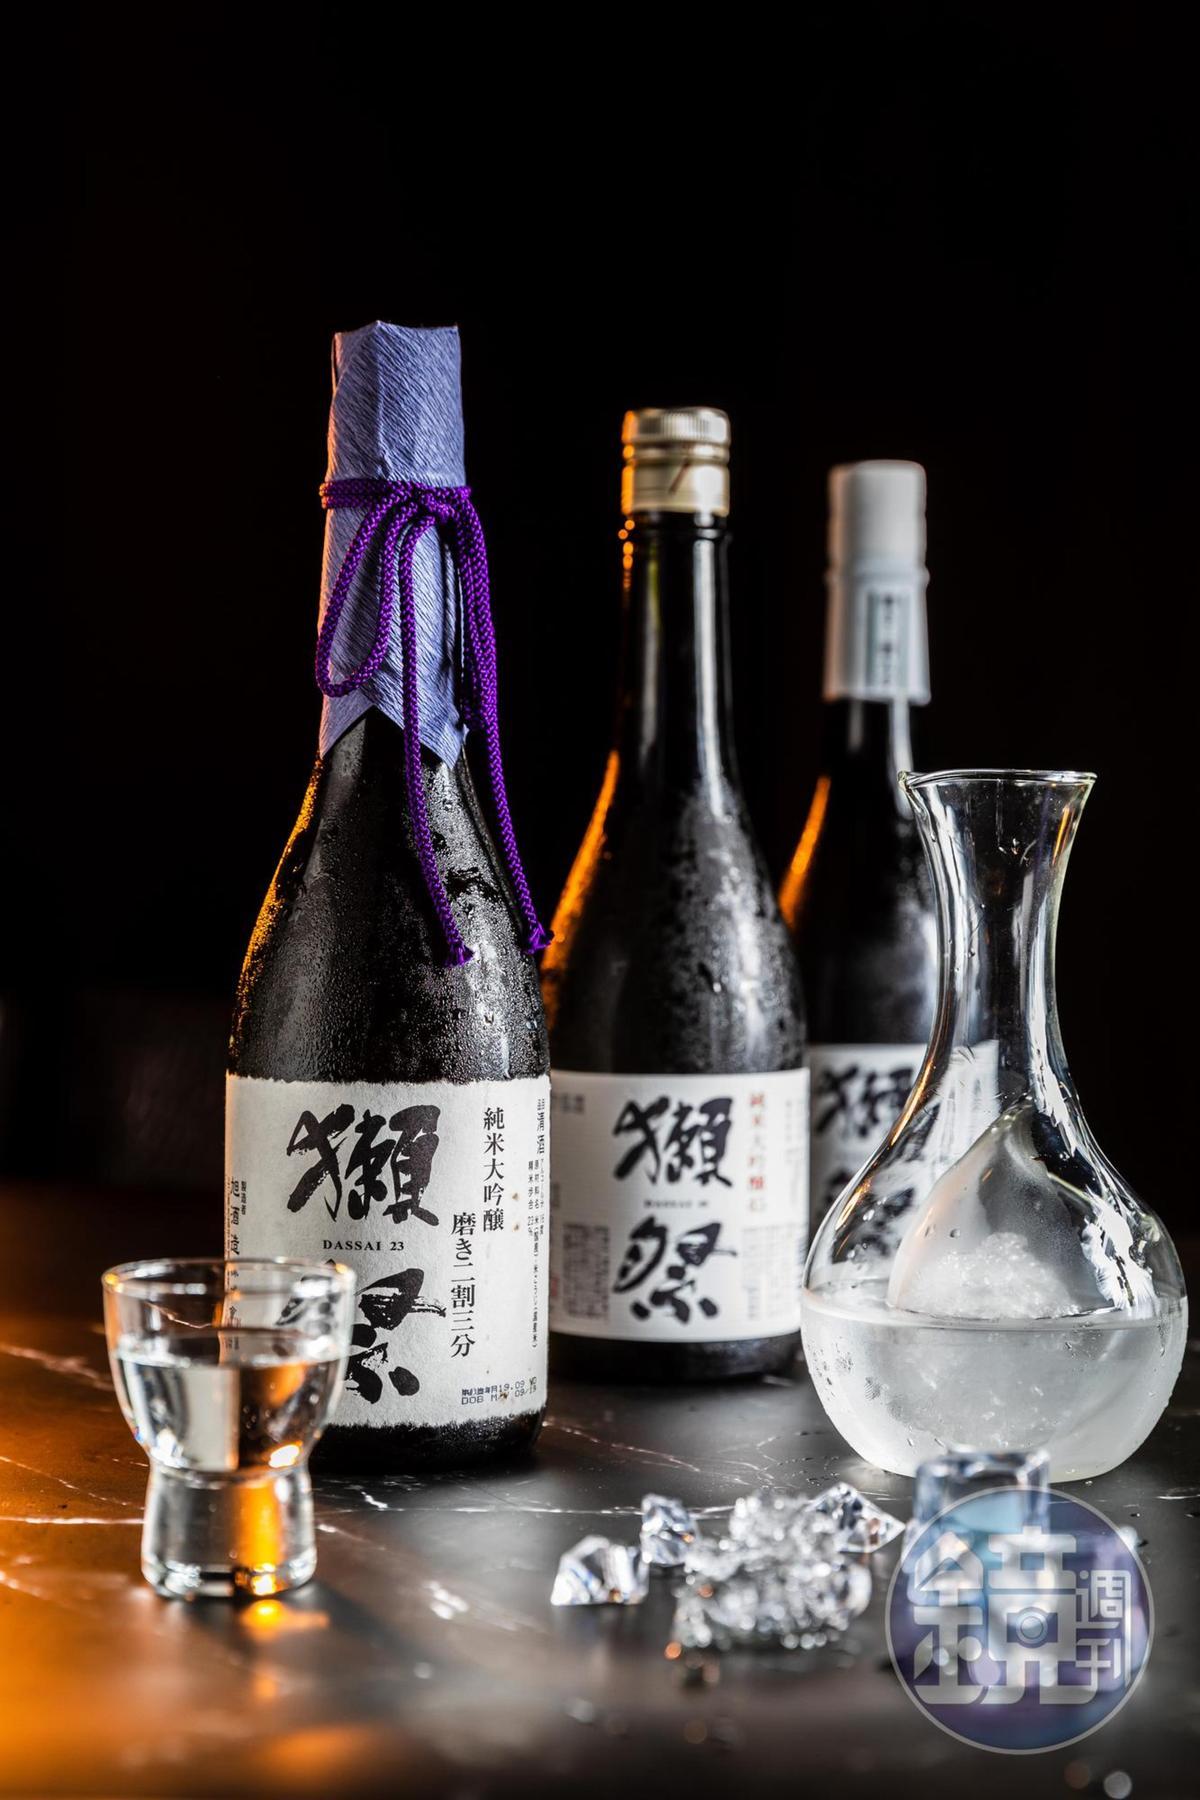 台灣人最熟悉的日本酒名牌「獺祭」沒缺席,「二割三分」(左,5,500元/720ml)「三割九分」(中,3,300元/720ml)採單瓶販售,「獺祭45」(右,5枚代幣/壺)則有上架自動販賣機。